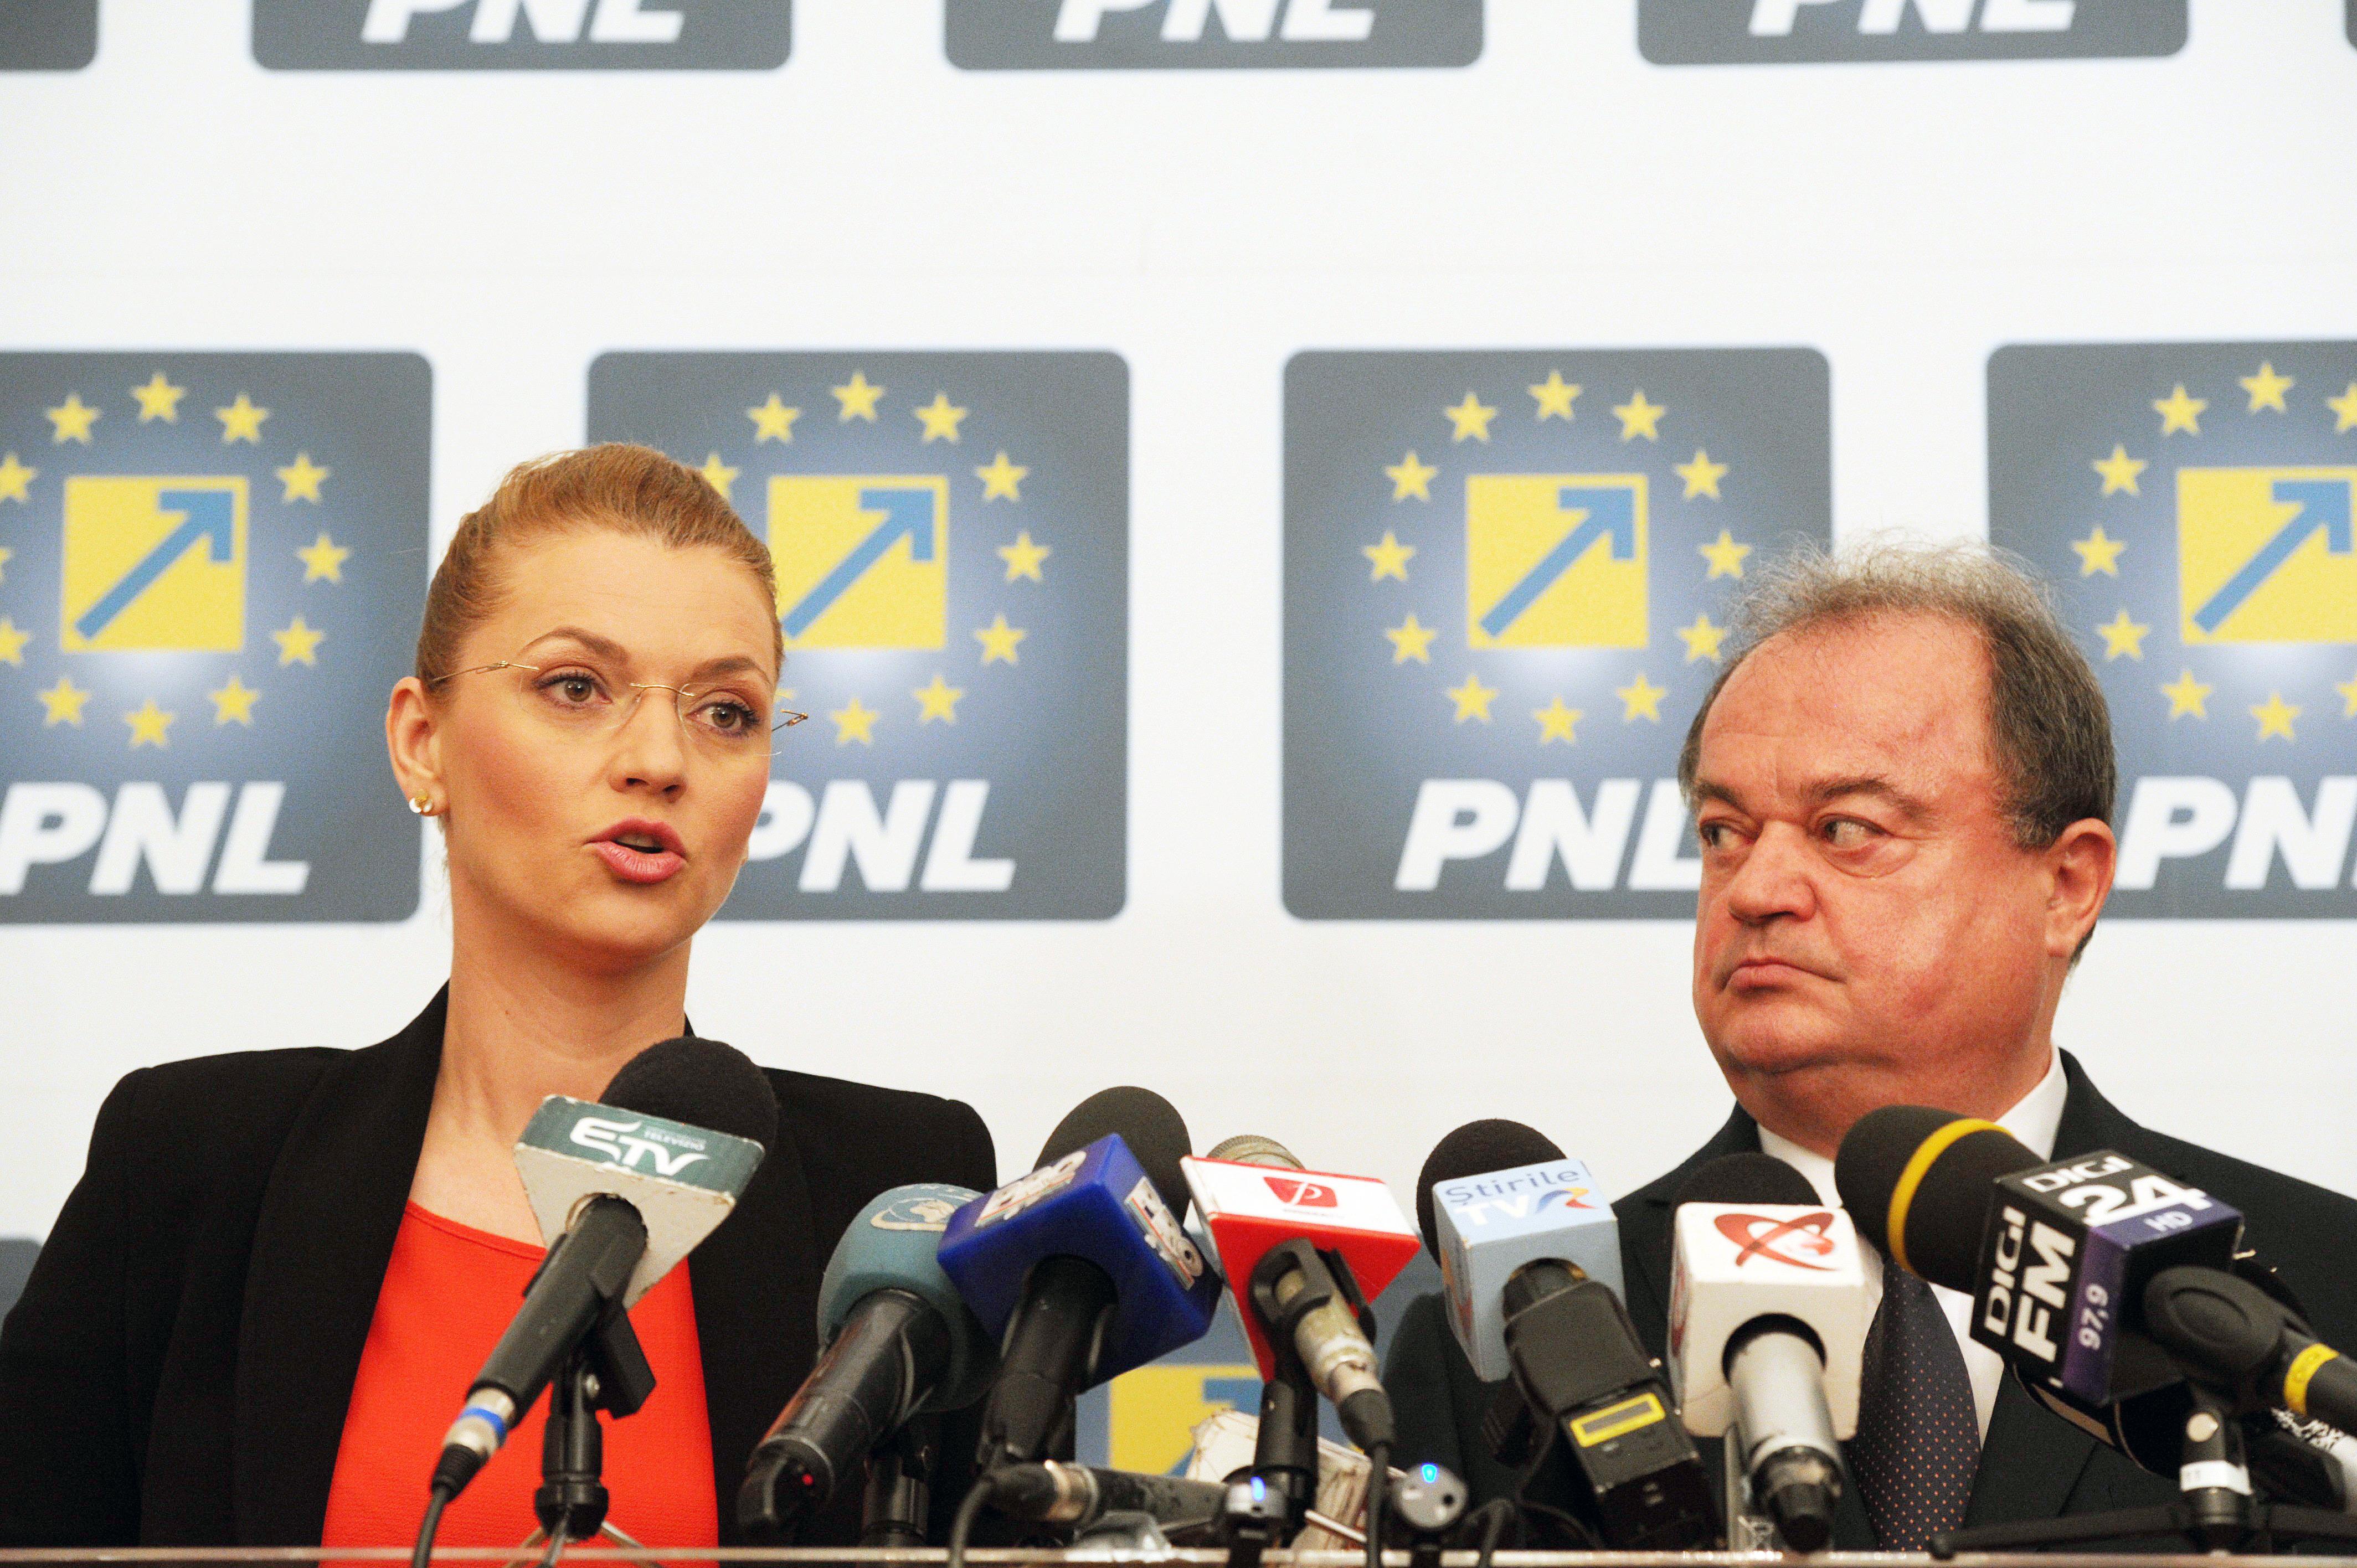 Liderul PNL Alina Gorghiu nu vrea casatorii gay: